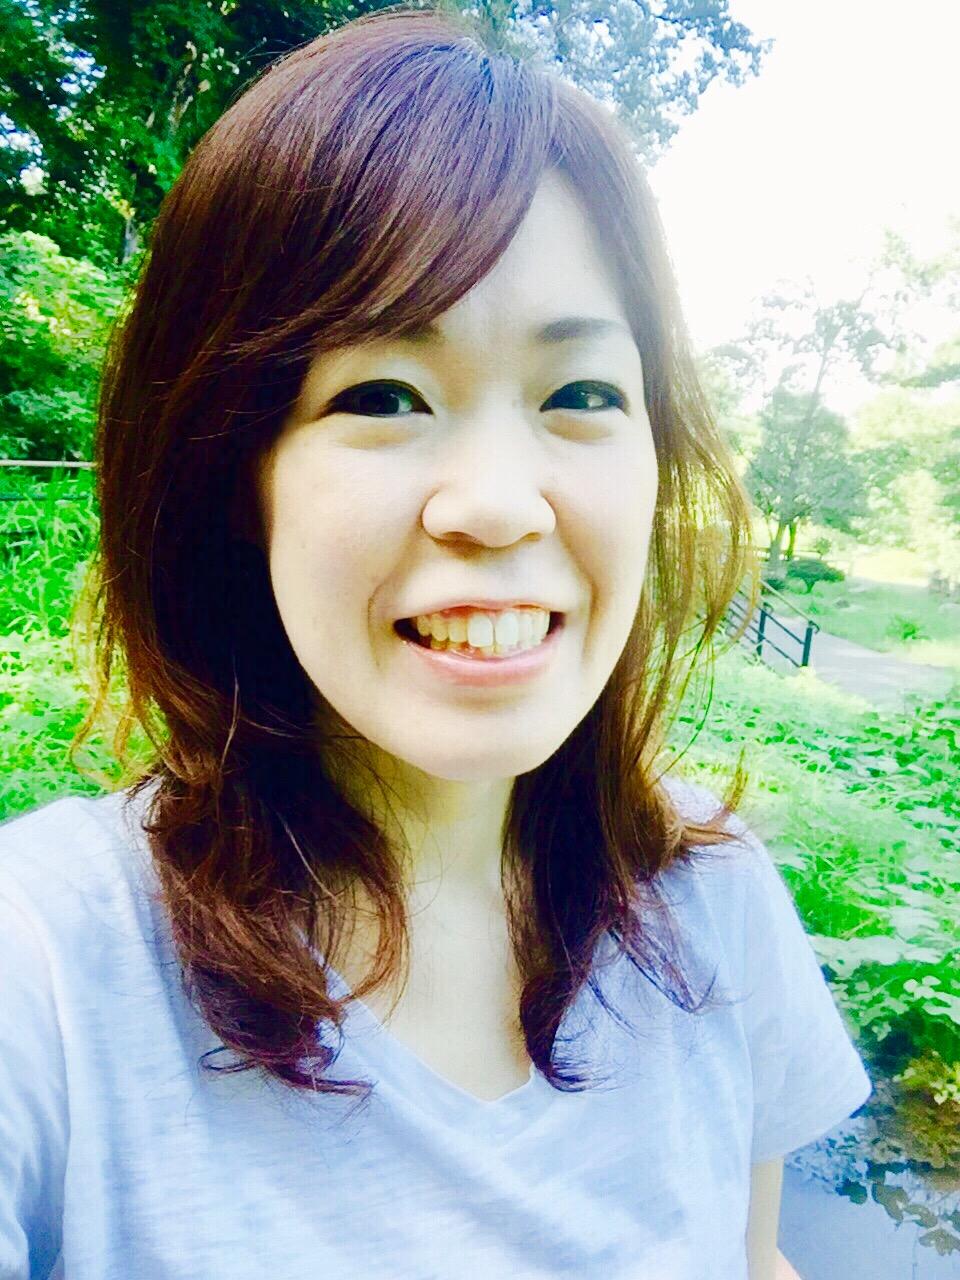 kondo_FullSizeRender.jpg